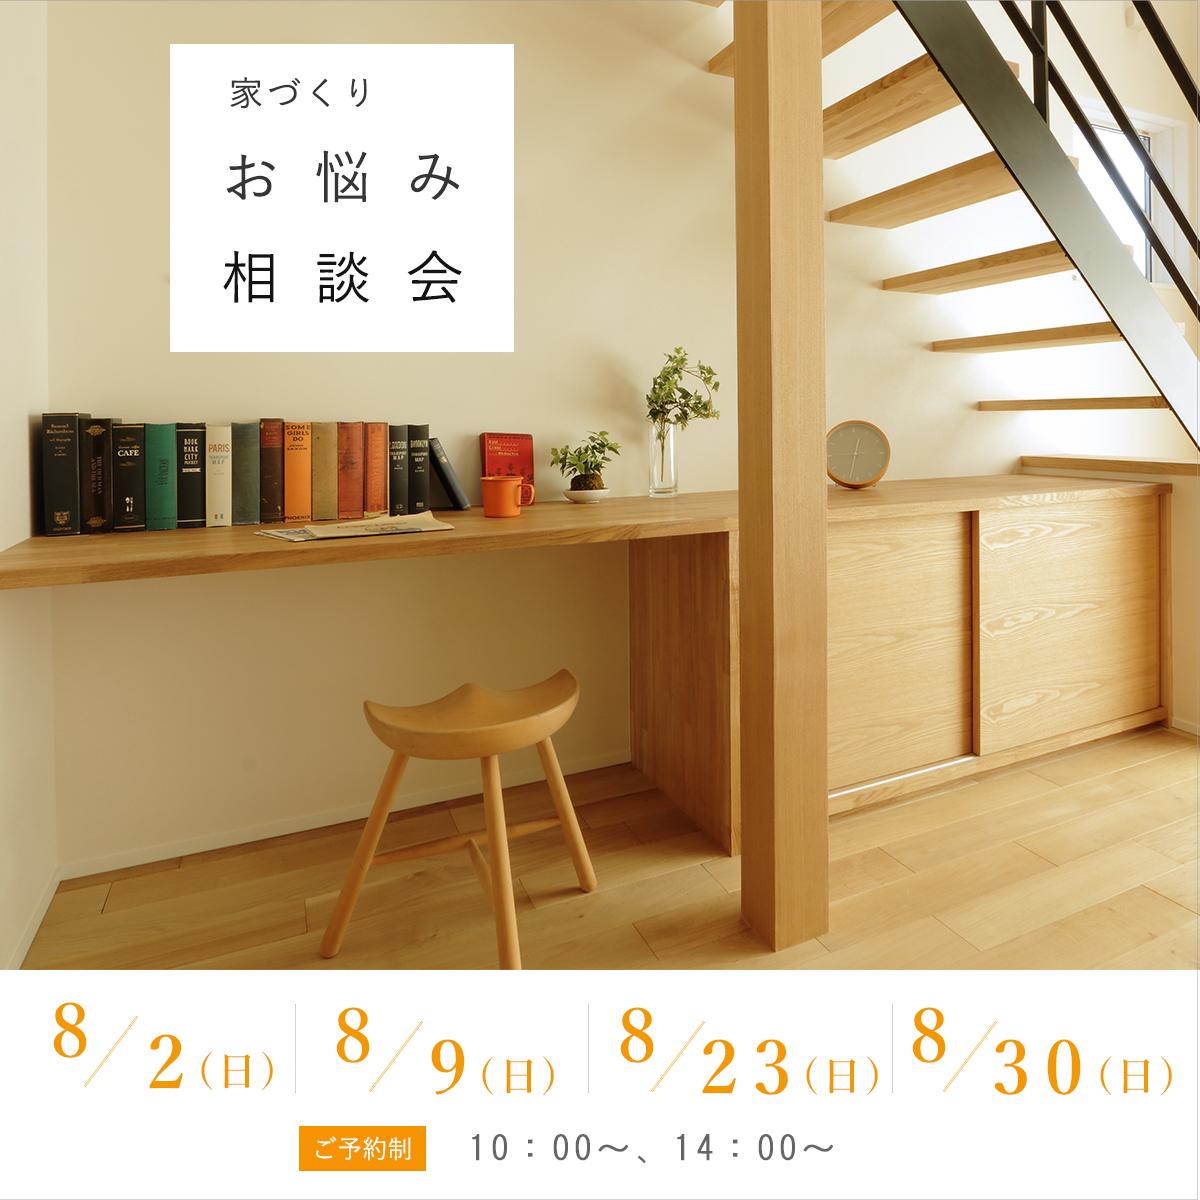 【滋賀/大津市】8月開催!お家づくりお悩み相談会